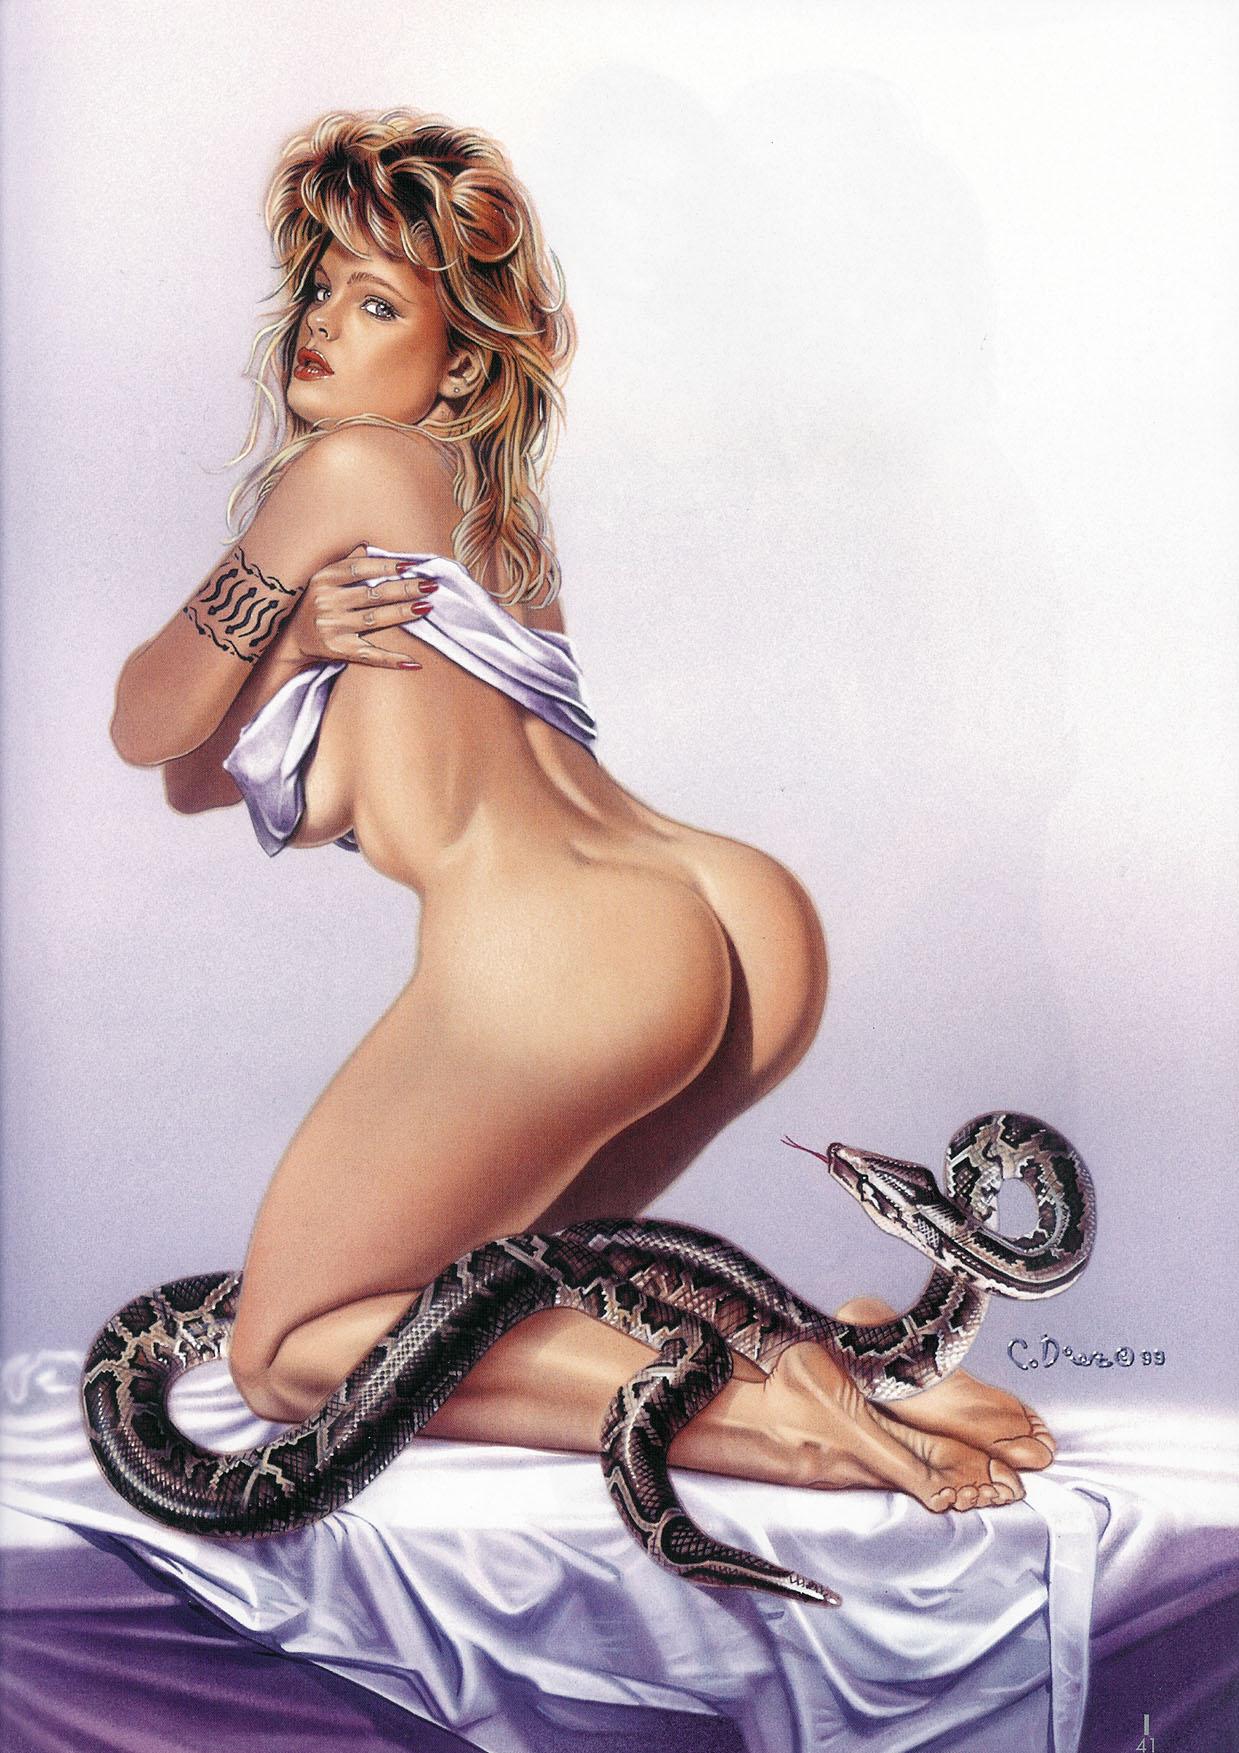 Реалистичные эротические рисунки 10 фотография